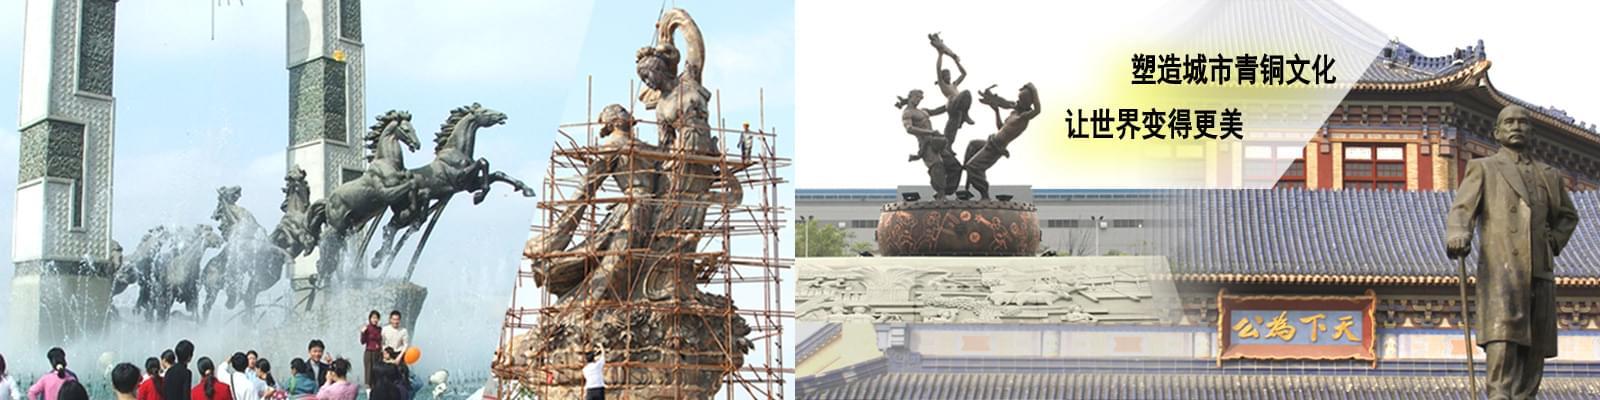 台湾铜雕广州_台湾 《拱门》不锈钢城市雕塑工程